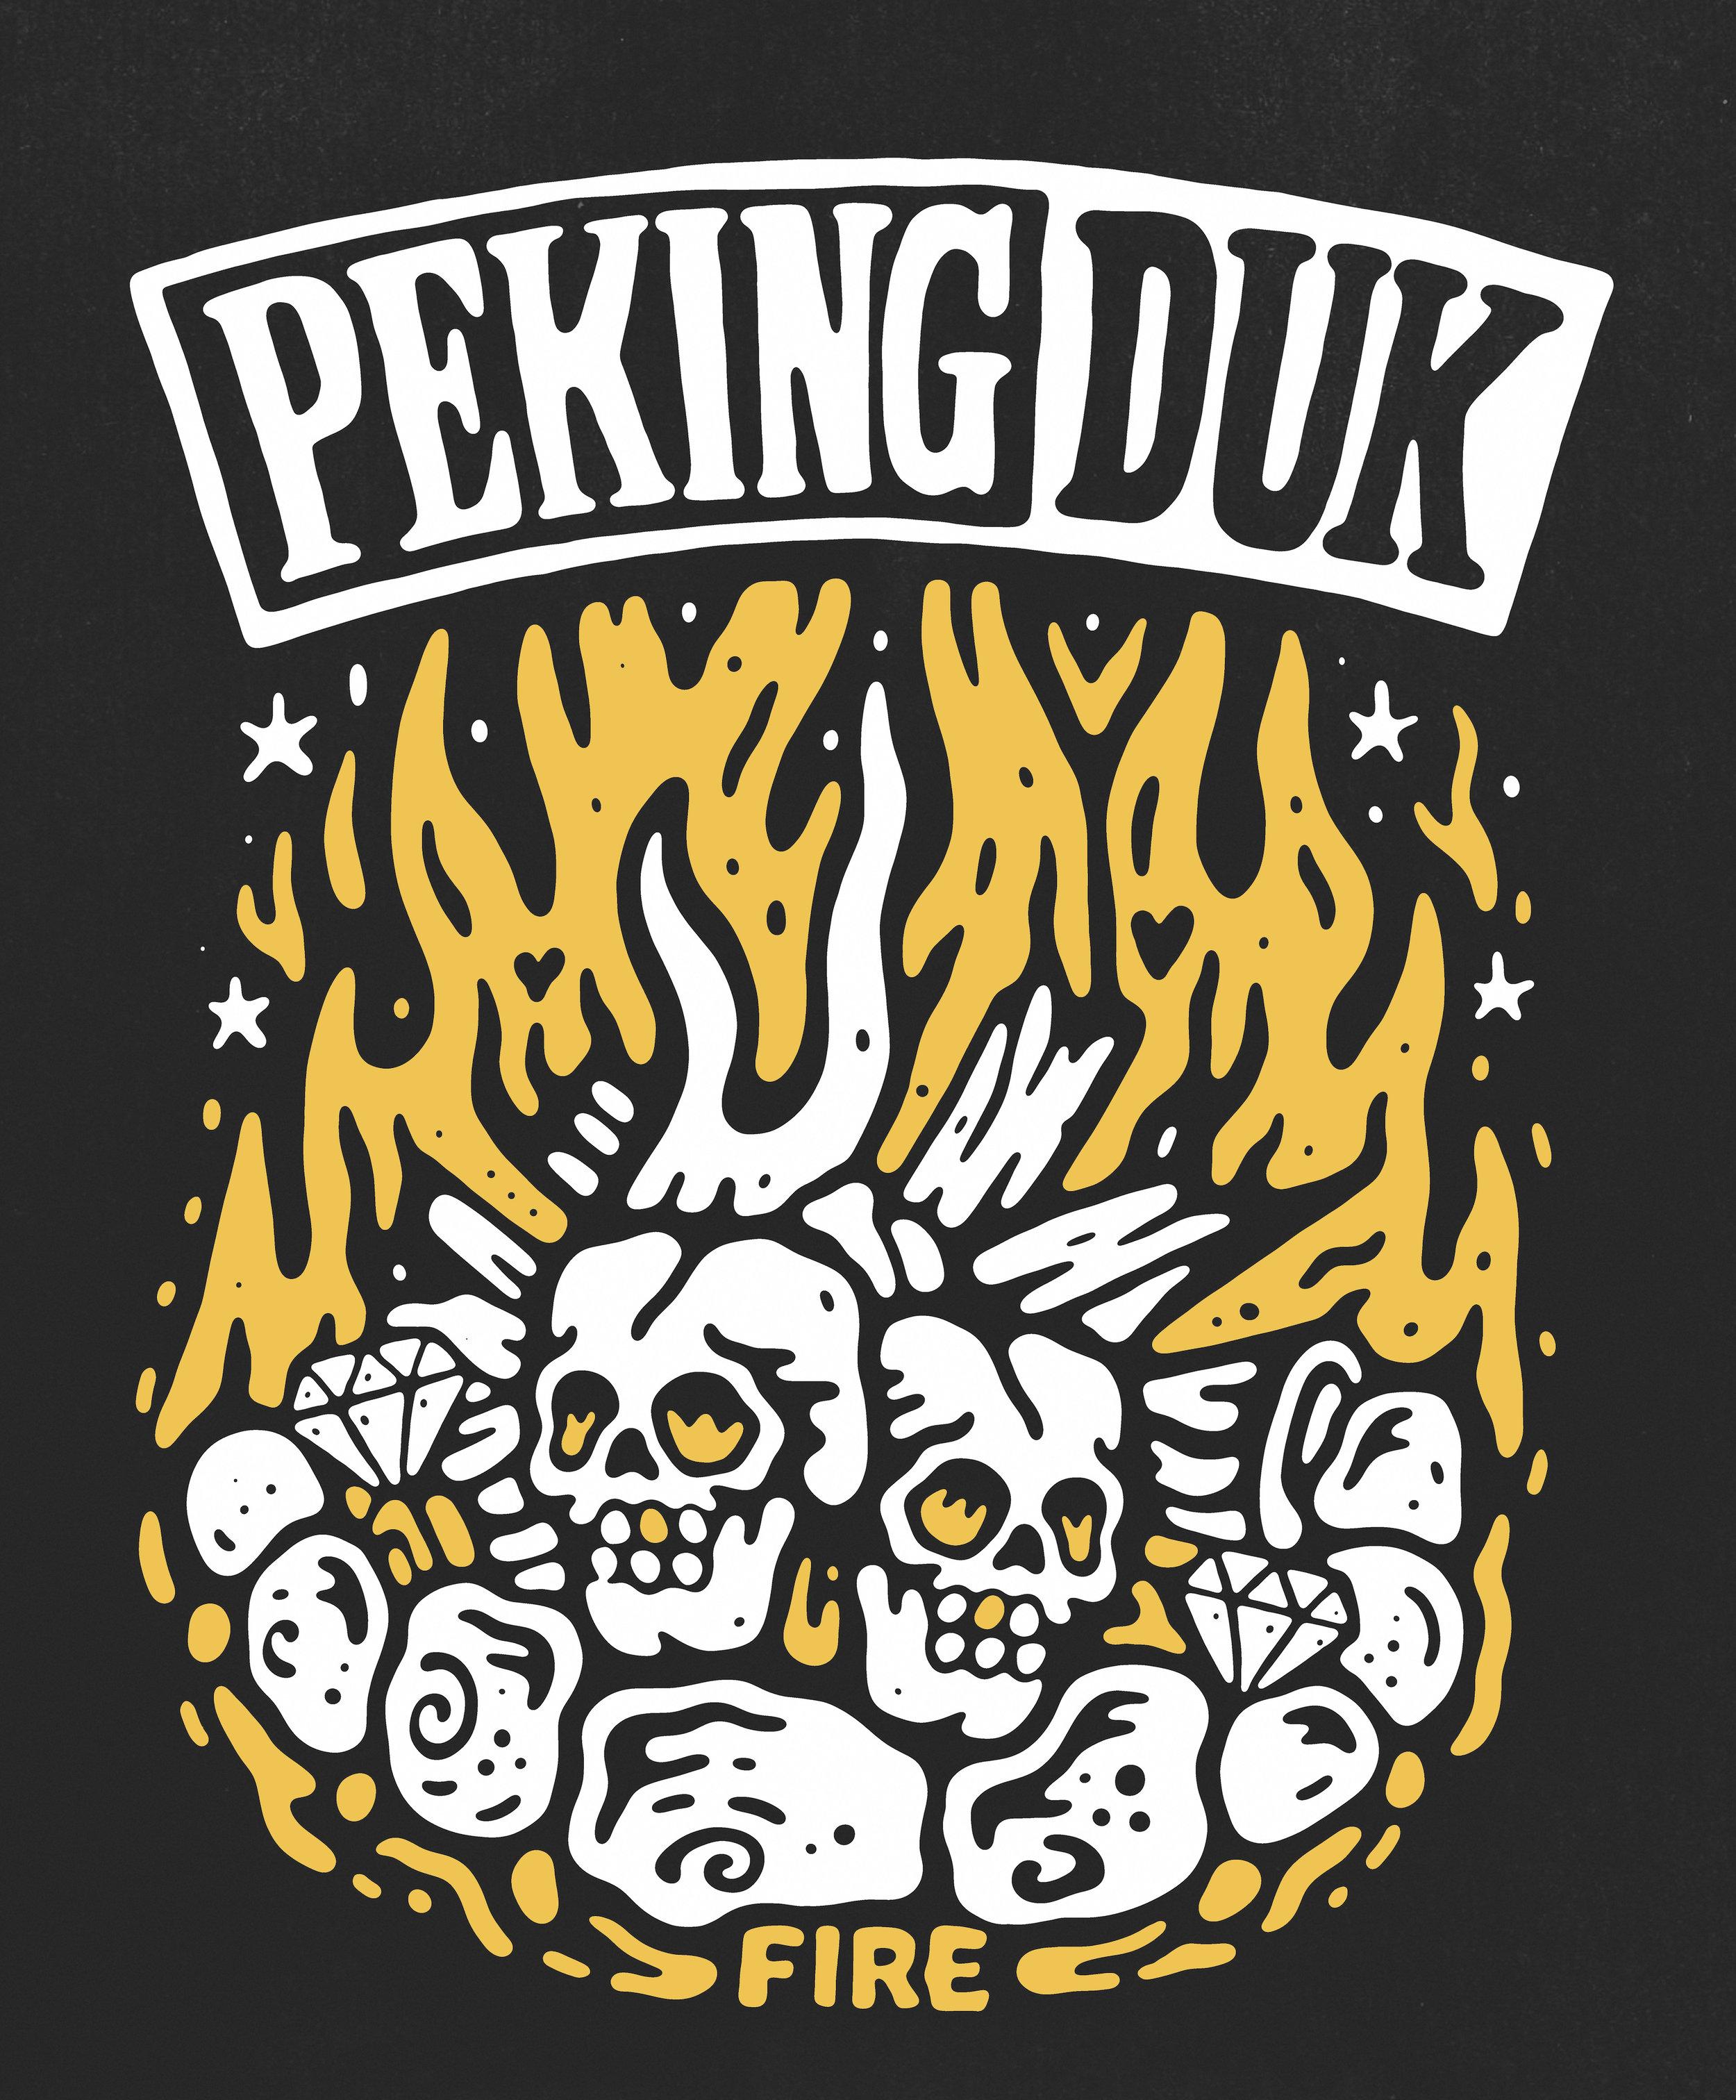 PEKING DUK - FIRE [SINDY SINN - ART2].jpg